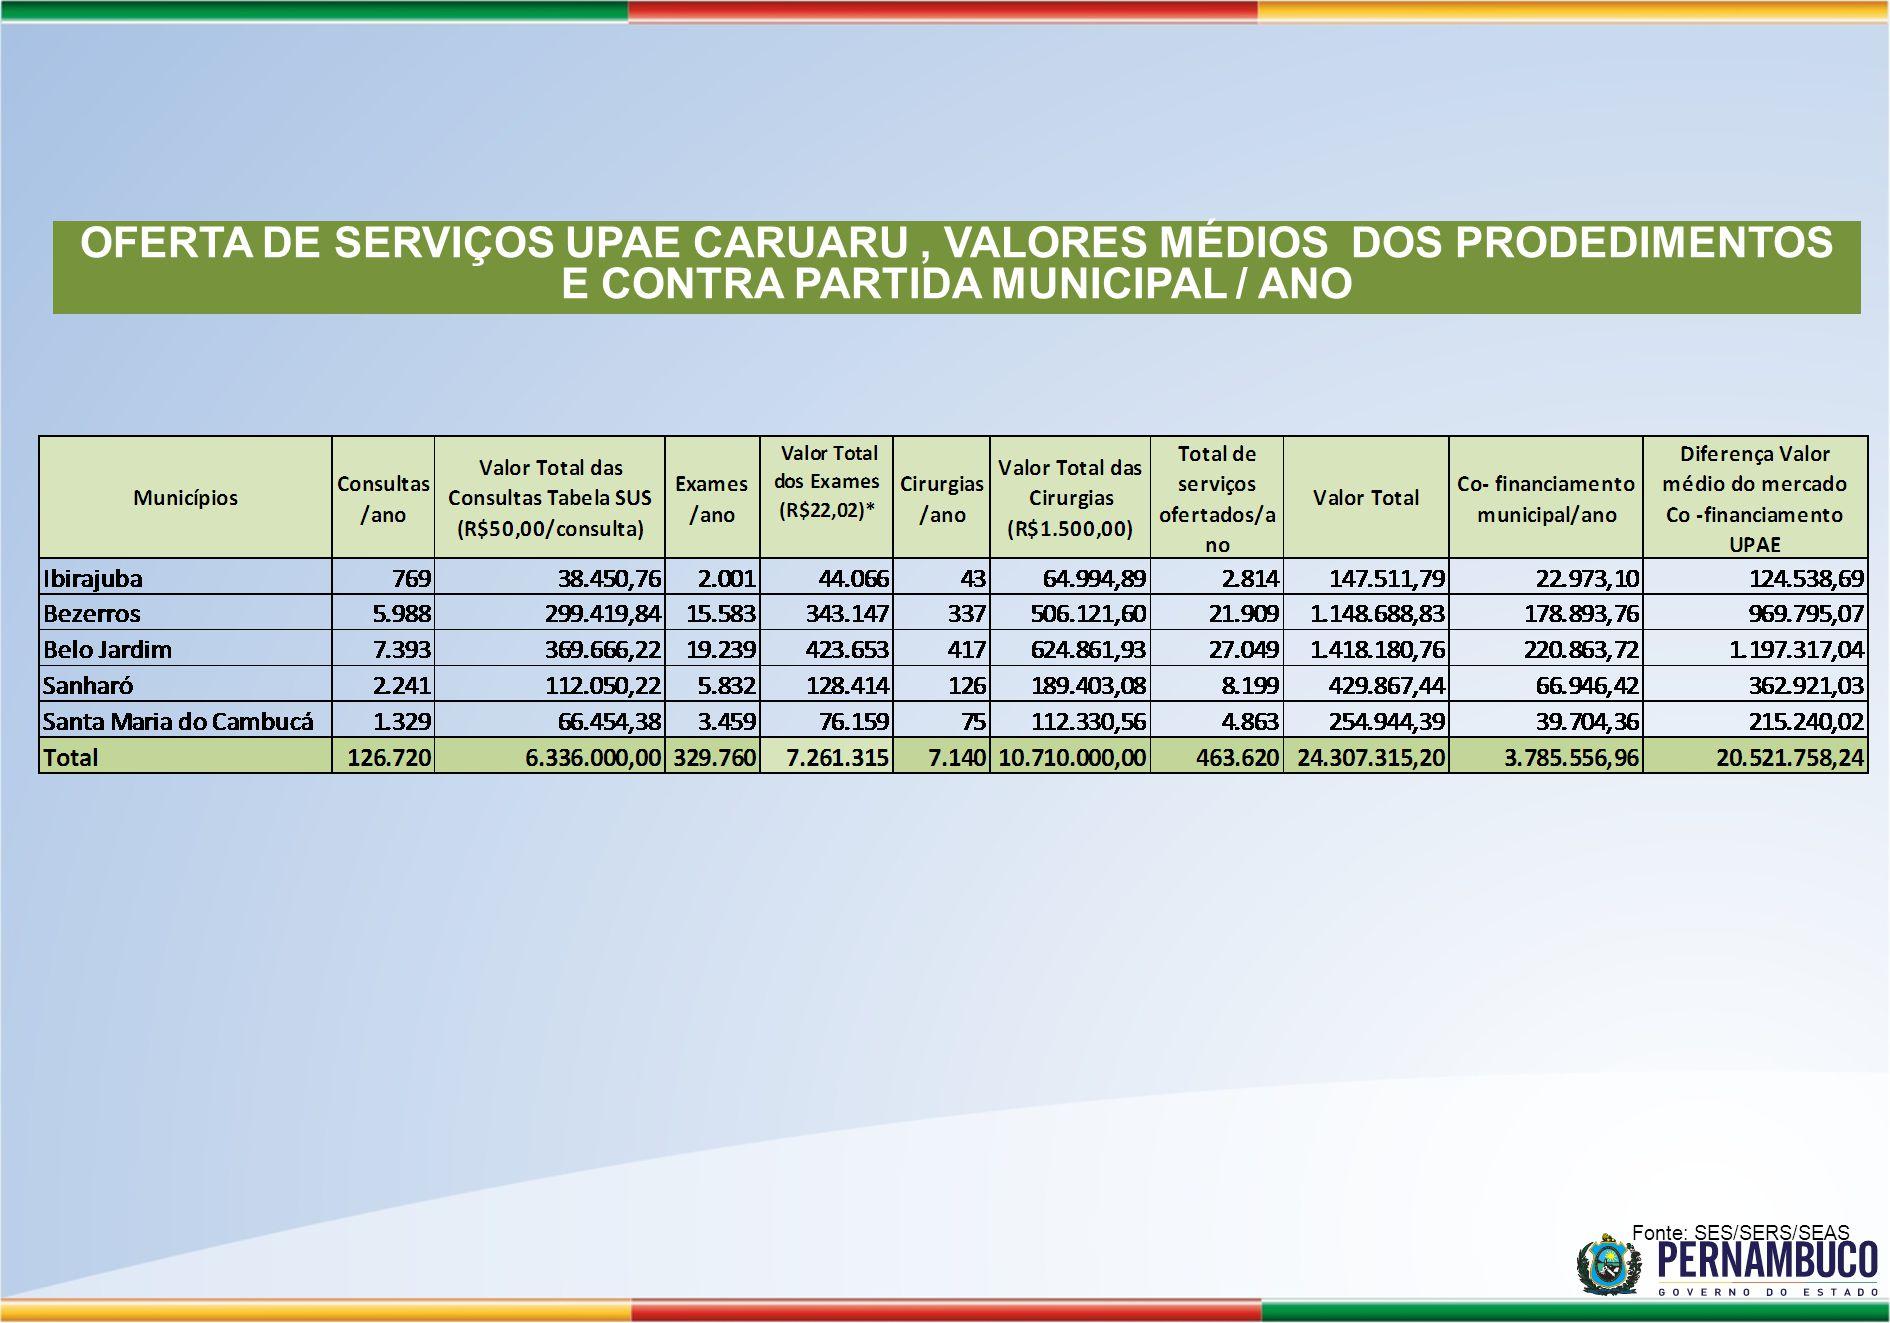 Fonte: SES/SERS/SEAS OFERTA DE SERVIÇOS UPAE CARUARU, VALORES MÉDIOS DOS PRODEDIMENTOS E CONTRA PARTIDA MUNICIPAL / ANO